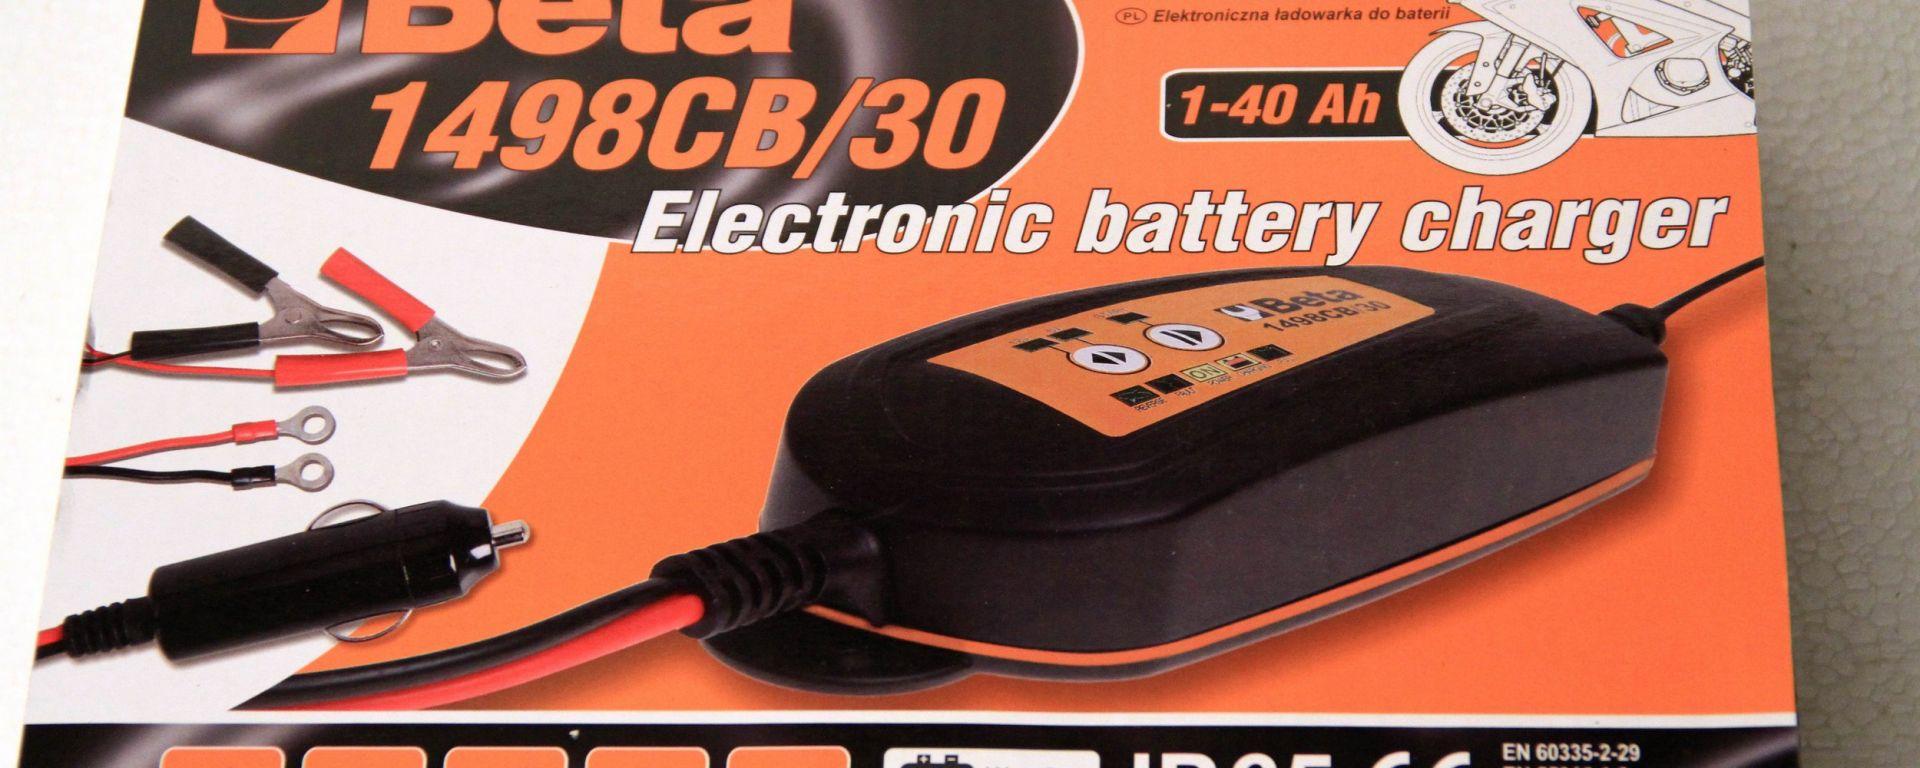 Come salvare la batteria. Il mantenitore di carica Beta 1498 CB/30